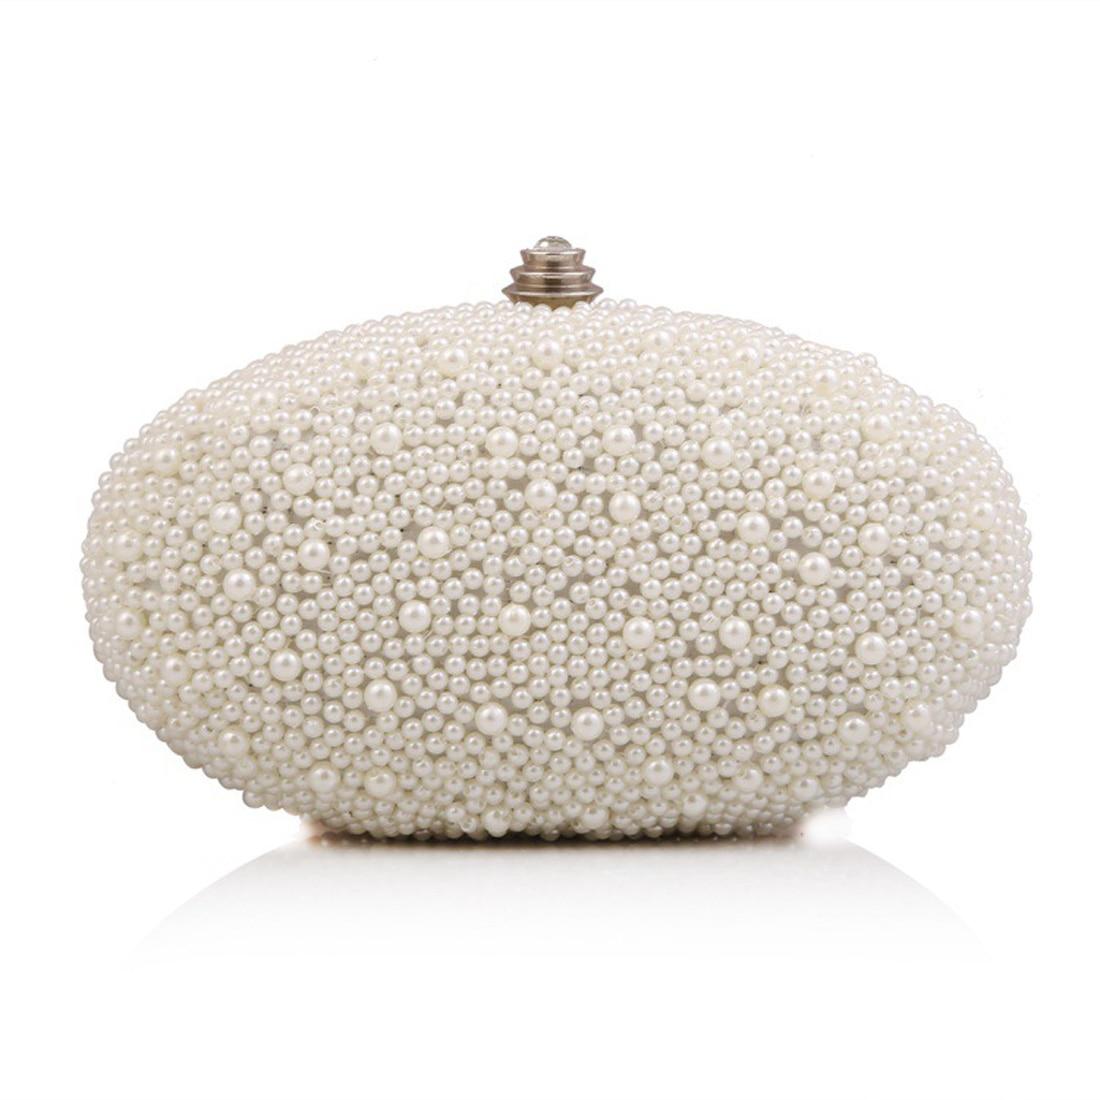 Высокое качество Элегантные жемчужные клатч Овальный Форма бисером вечерняя сумочка; BS010 женщины сцепления кошелек сумка diamond Свадьба сумо...